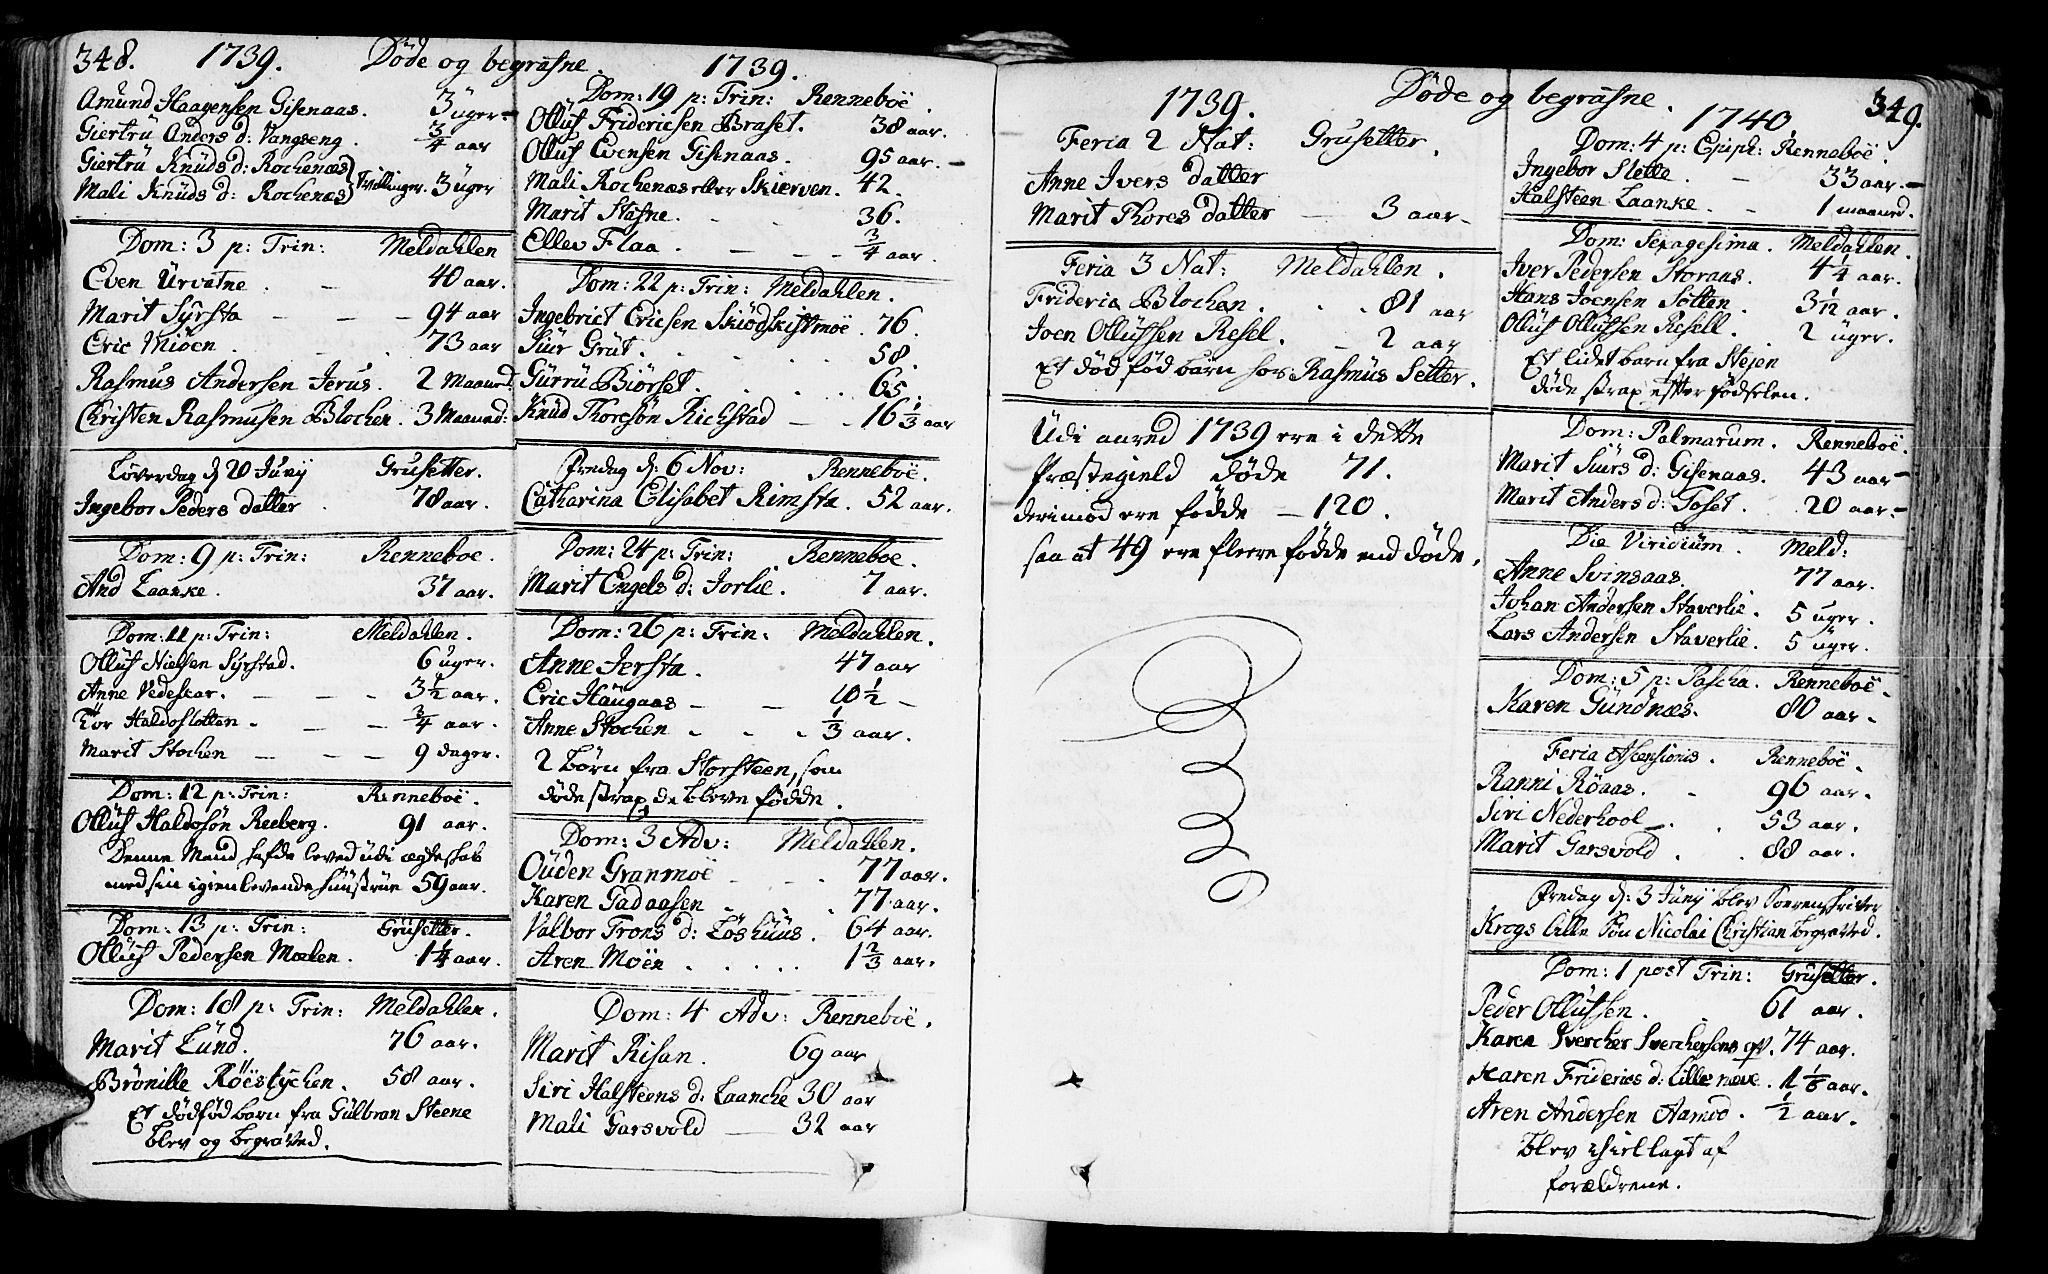 SAT, Ministerialprotokoller, klokkerbøker og fødselsregistre - Sør-Trøndelag, 672/L0850: Ministerialbok nr. 672A03, 1725-1751, s. 348-349